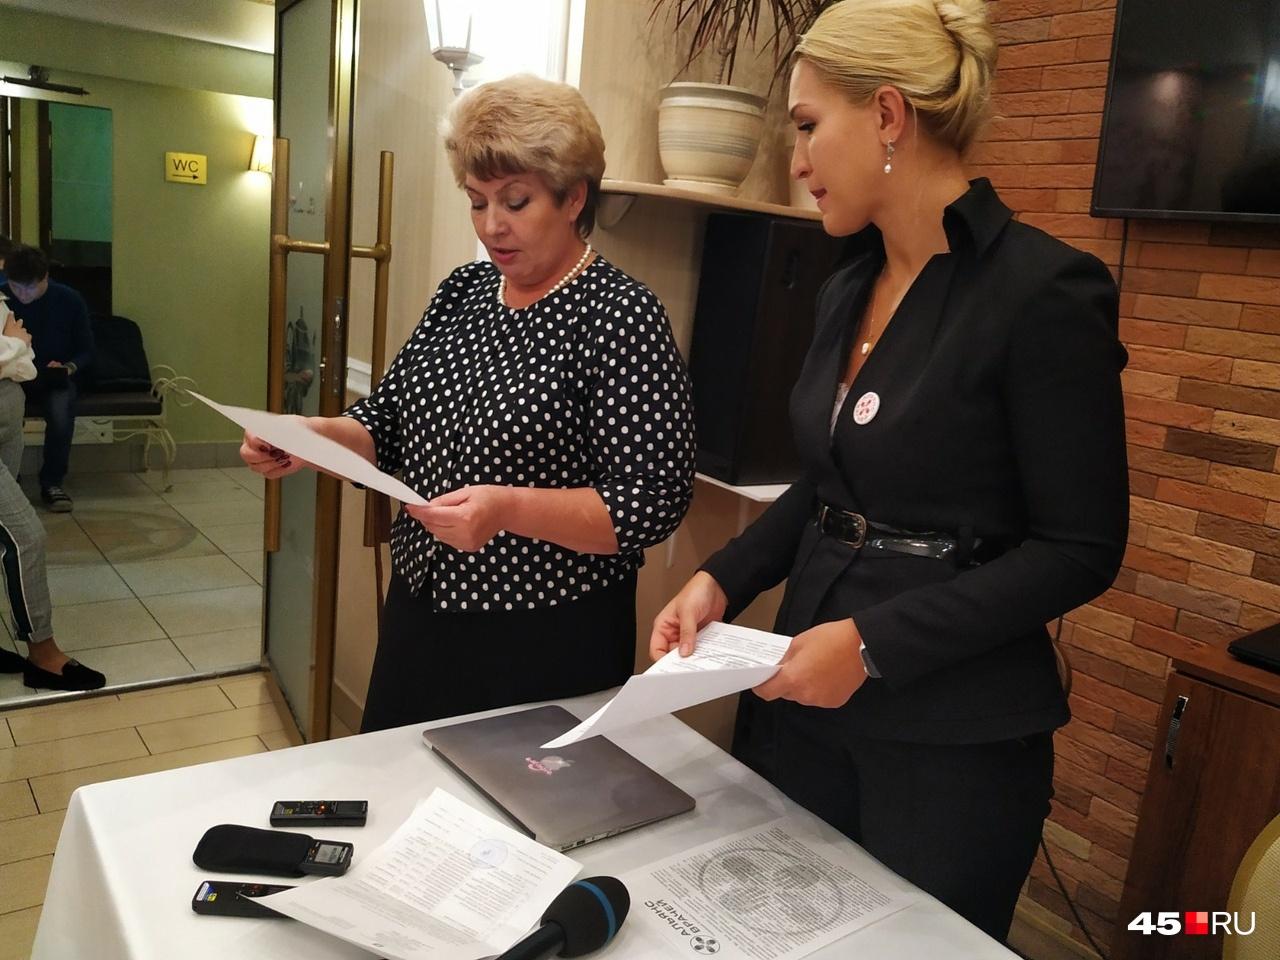 Татьяна Менщикова и Анастасия Васильева ищут в уведомлениях пункты с разъяснением, как изменятся условия труда сотрудников